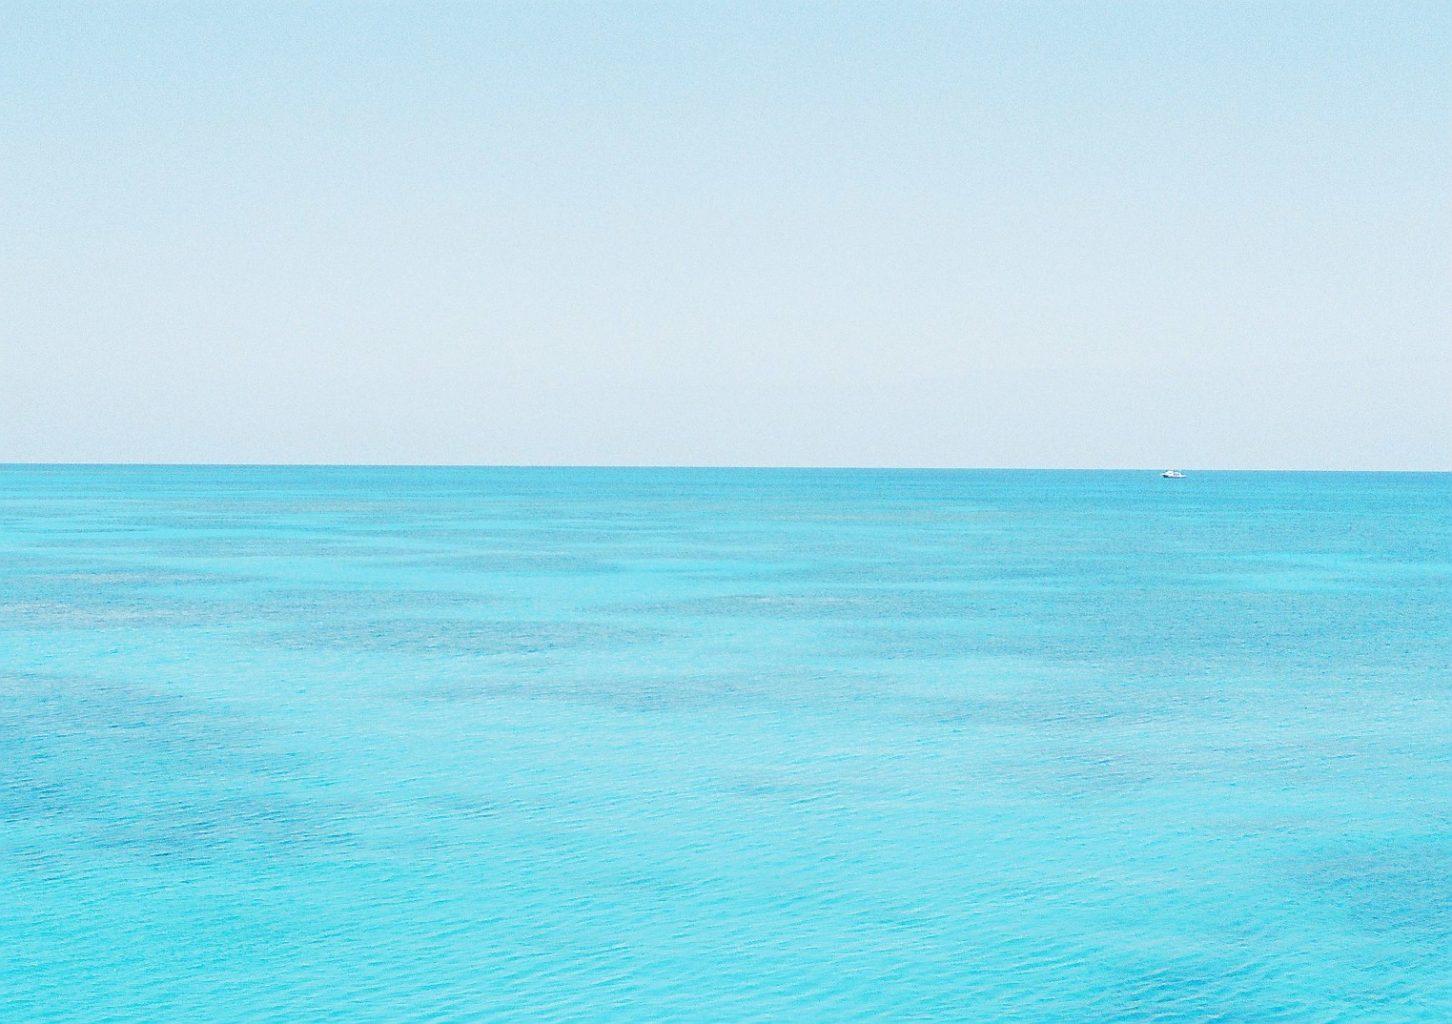 ニシ浜のハテルマブルー